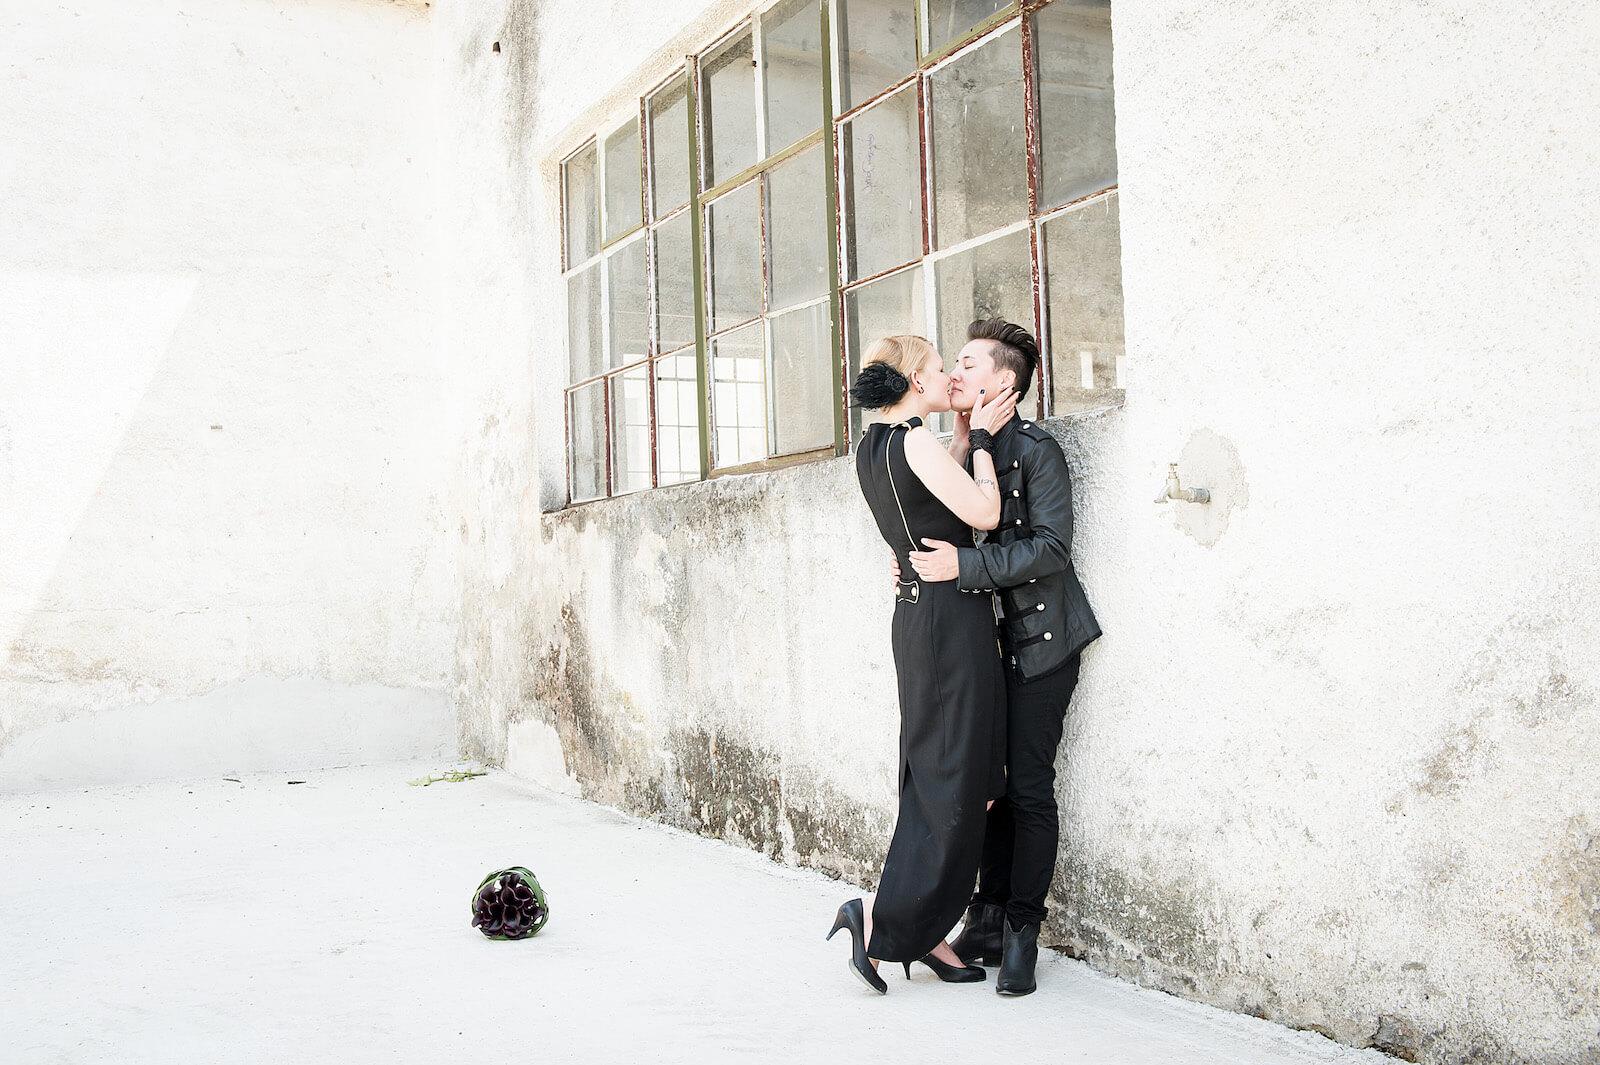 stylische Hochzeitsfotos in München - Paarshooting vor alten Fabrikfenster